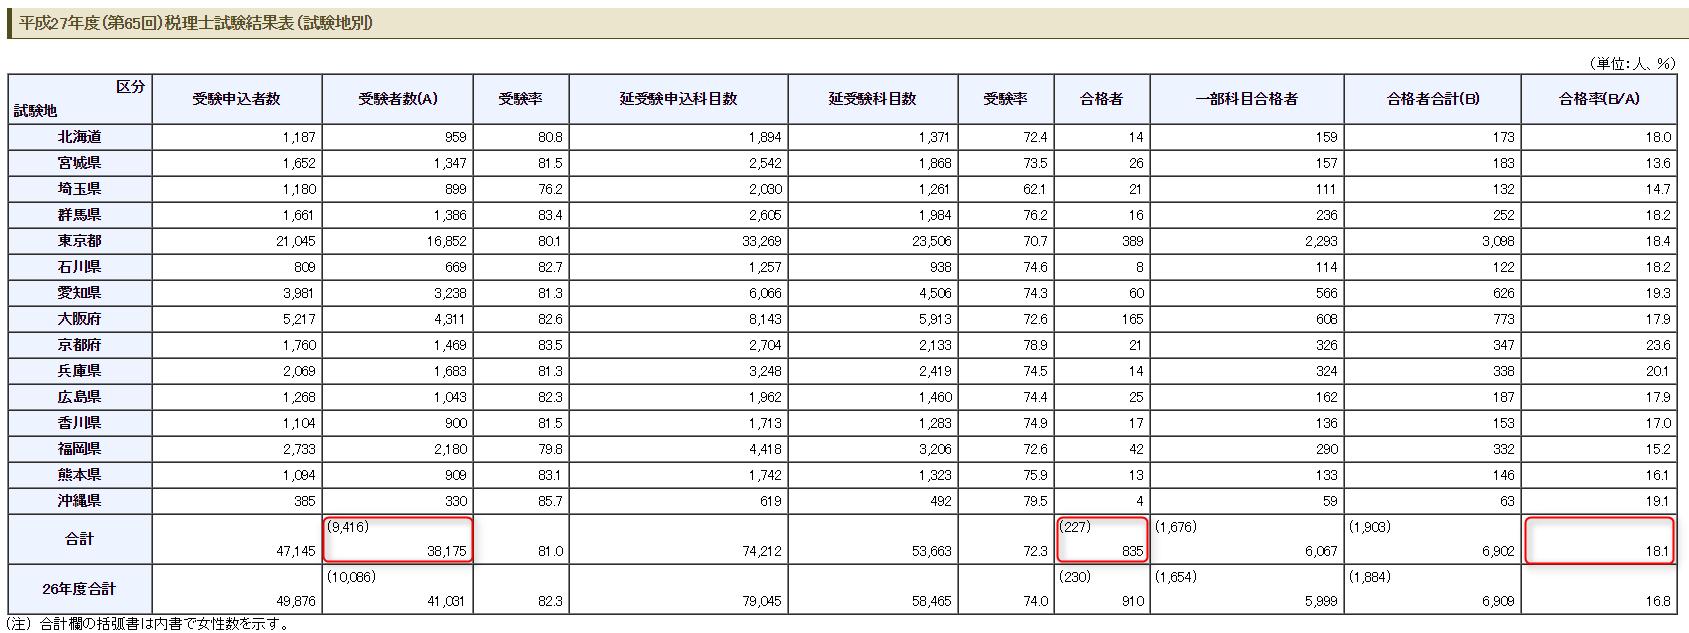 平成27年度(第65回)税理士試験結果表(試験地別)